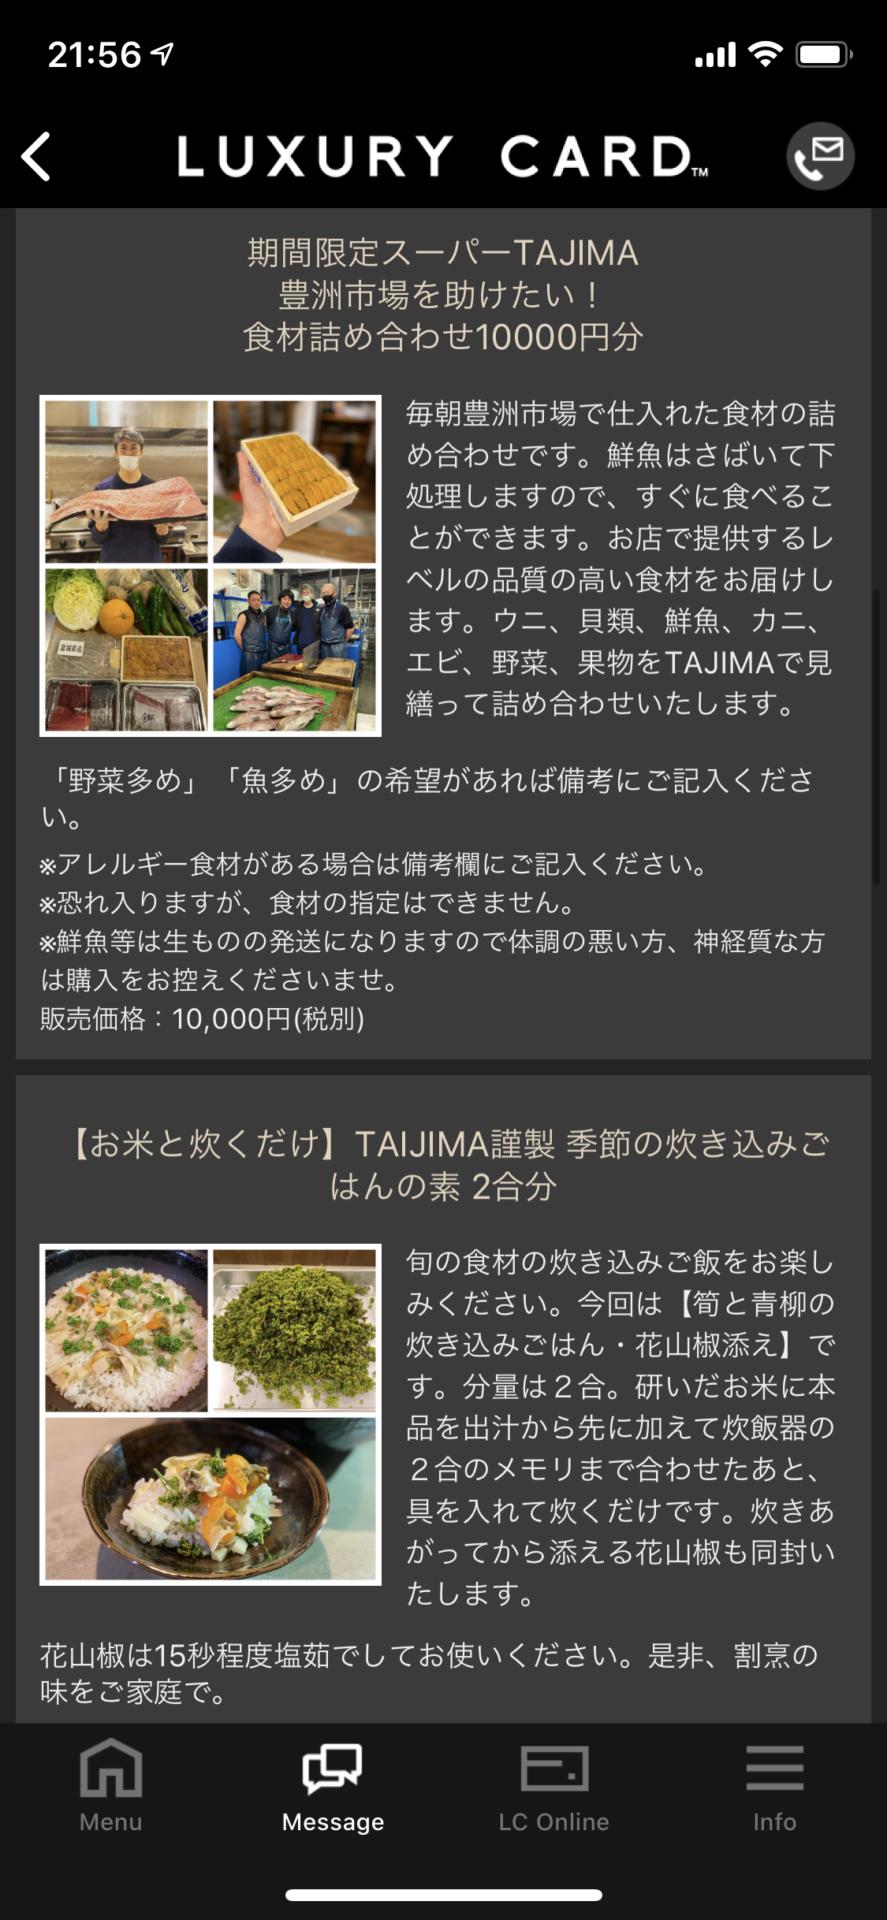 割烹TAJIMAのラグジュアリーカード候無料優待・特別セット